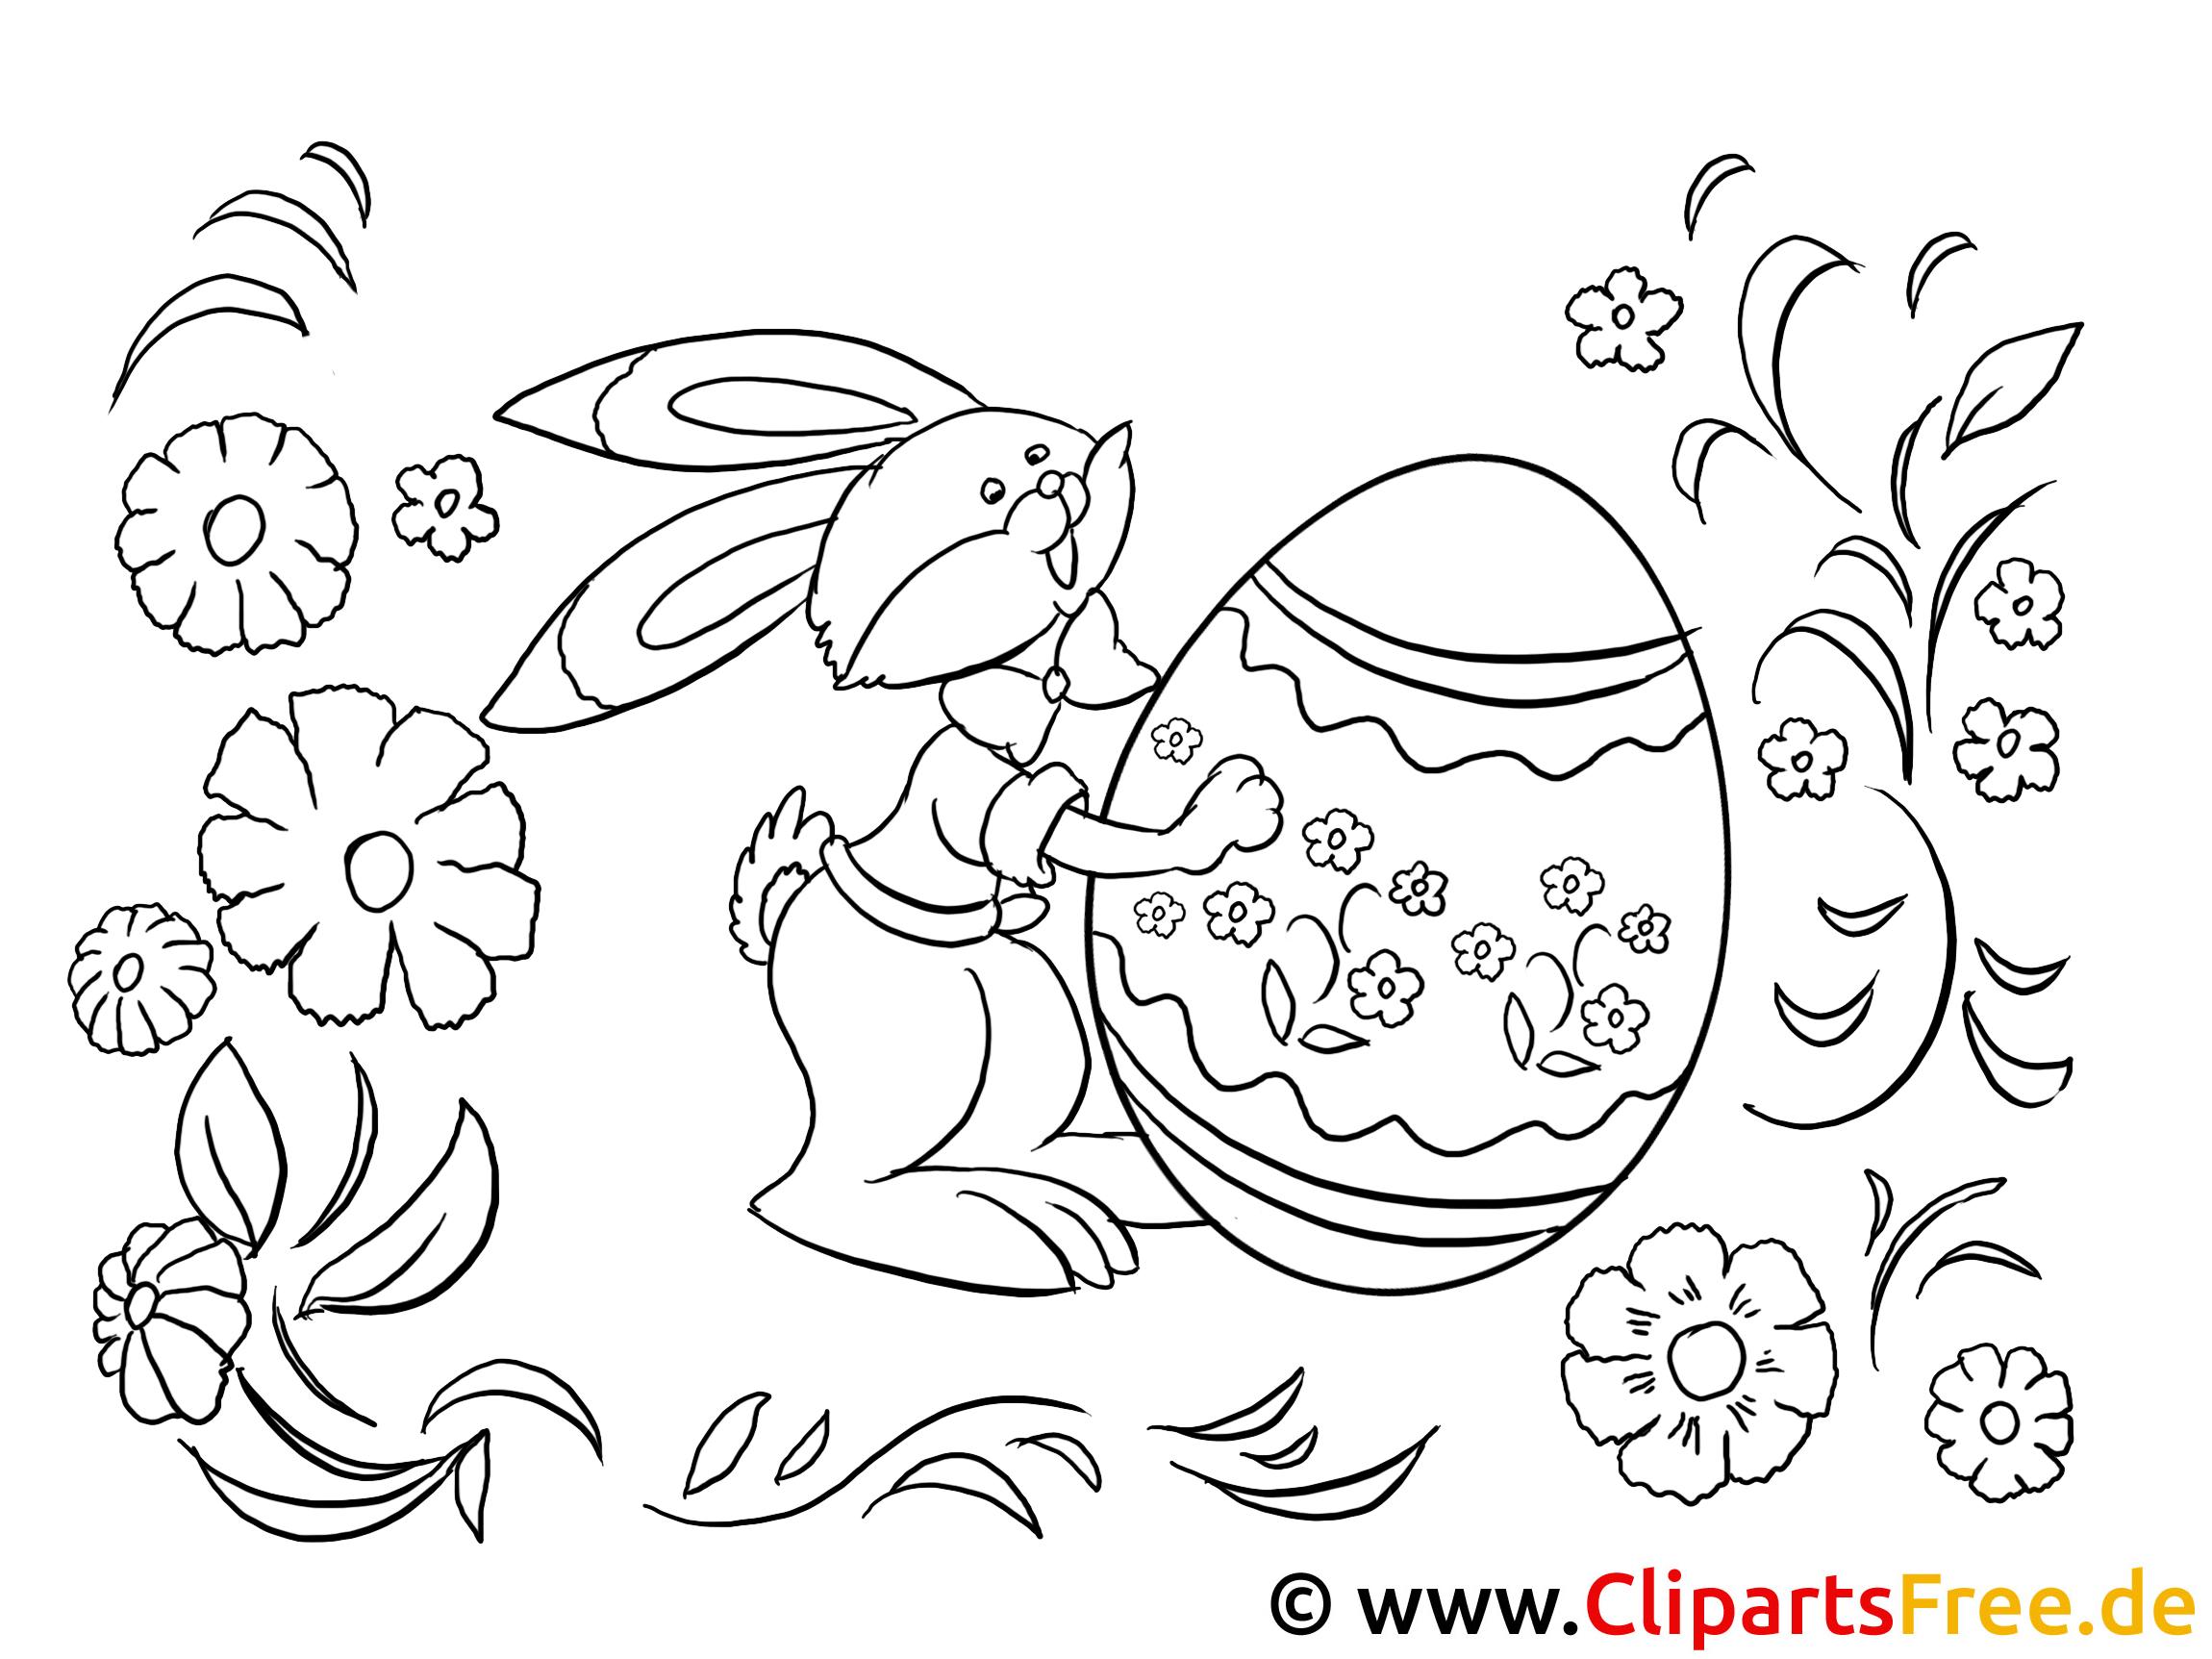 Lustige Osterbilder zum Ausdrucken und Malen